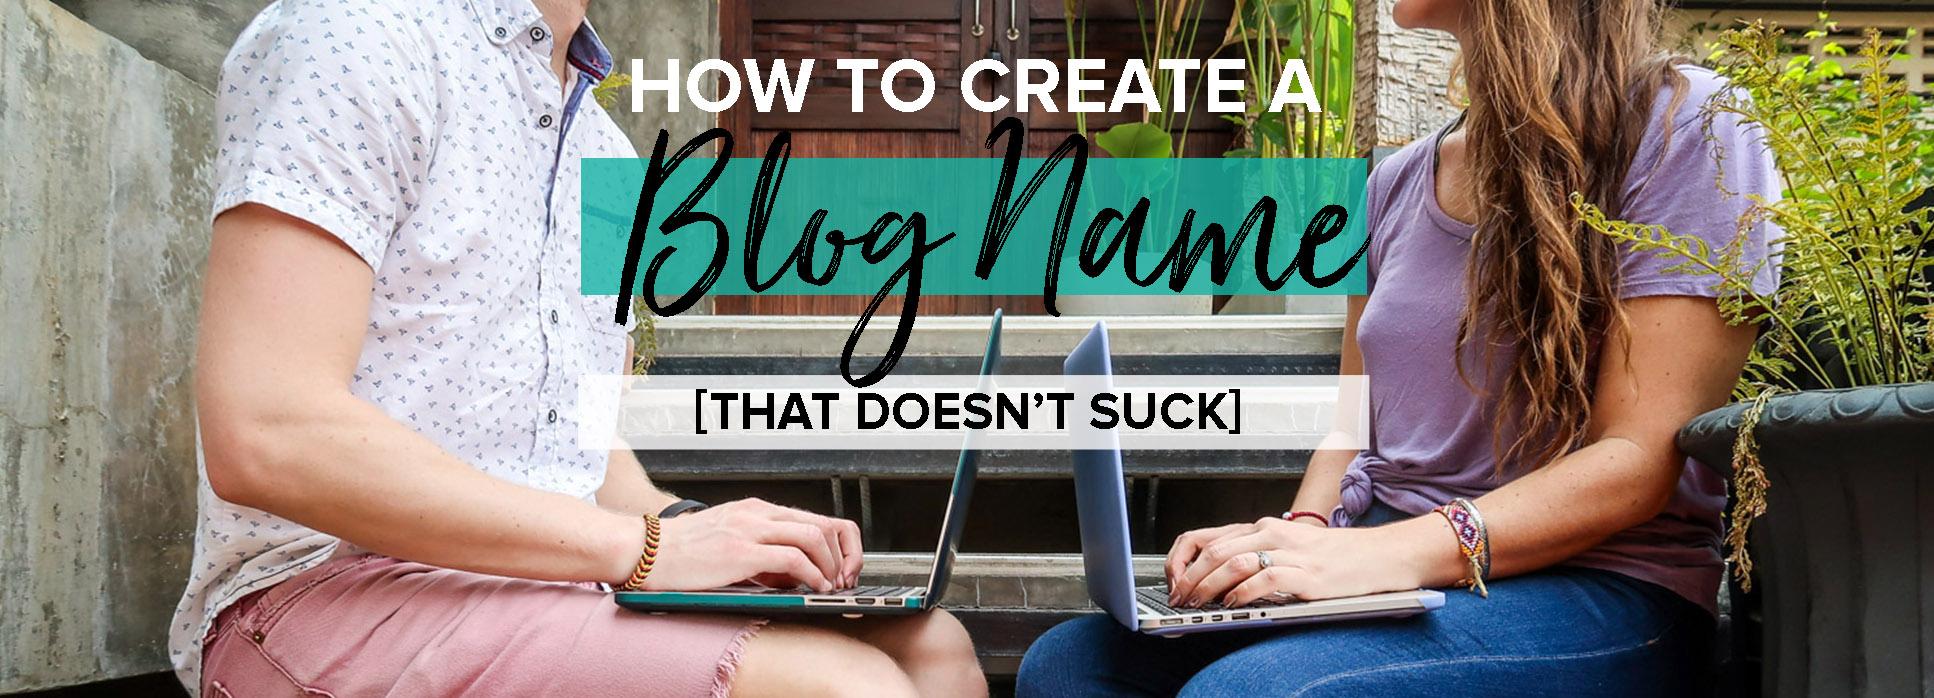 How to create a blog name